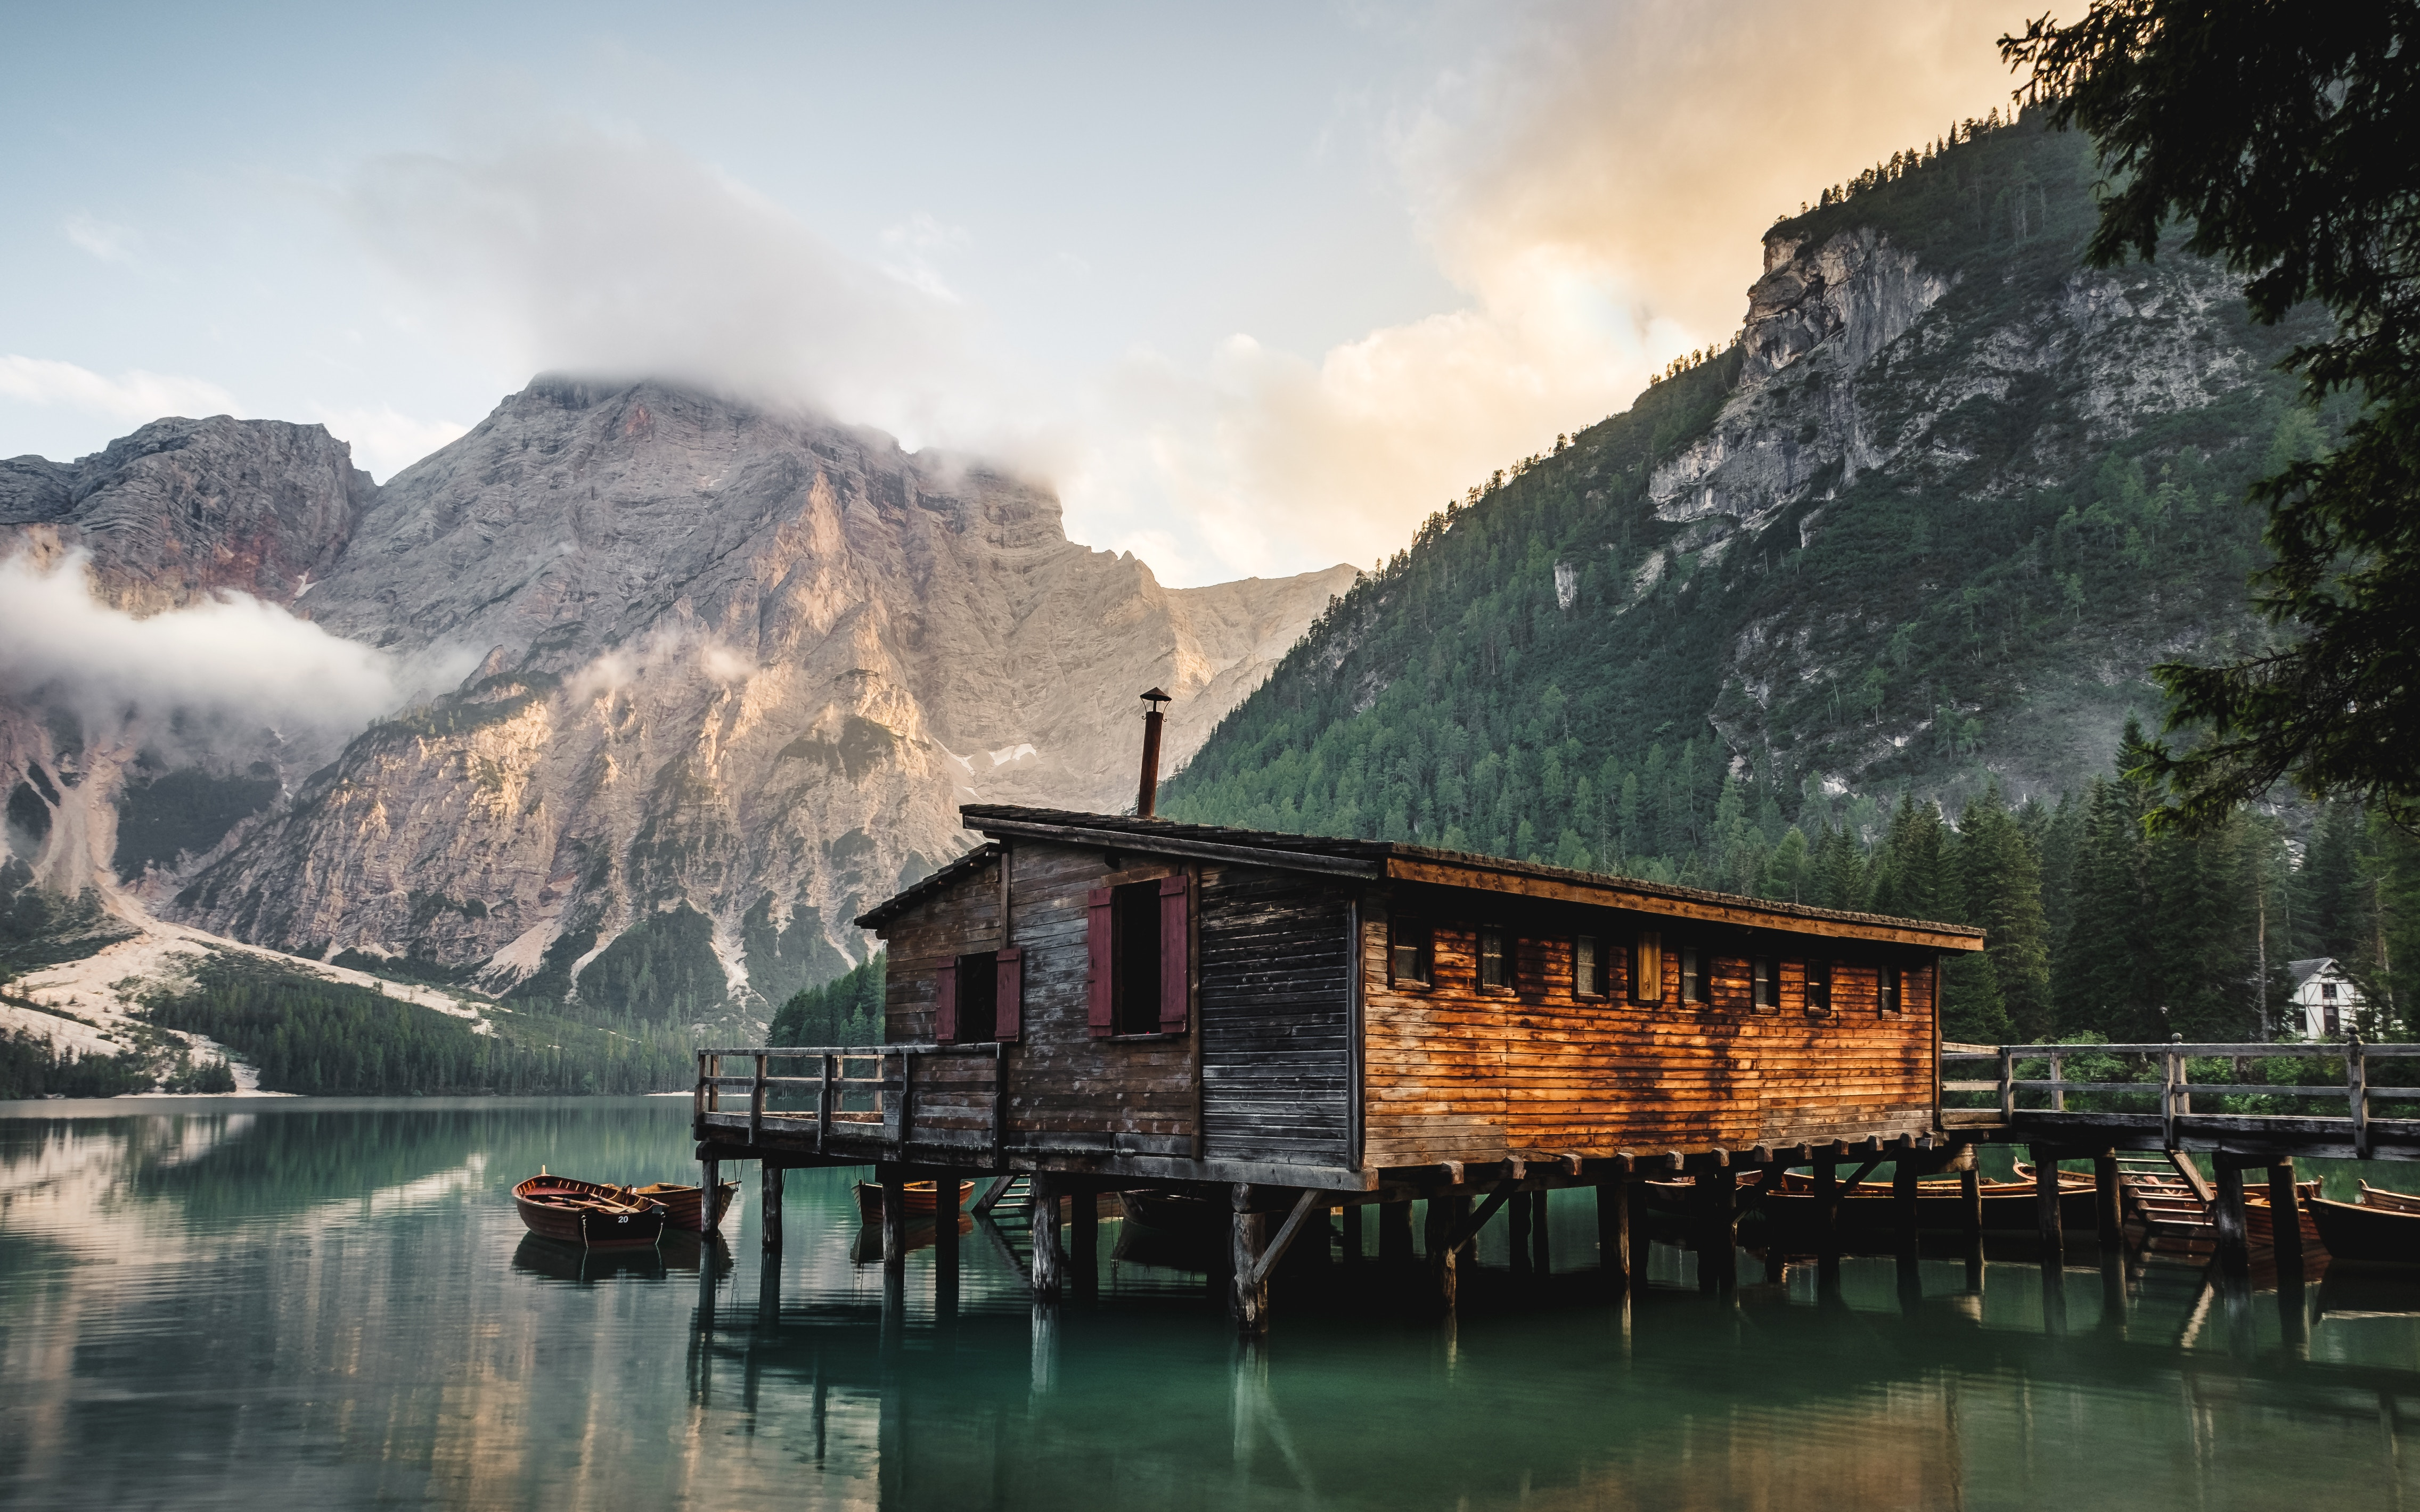 casa sul lago di braies val pusteria montagna estate